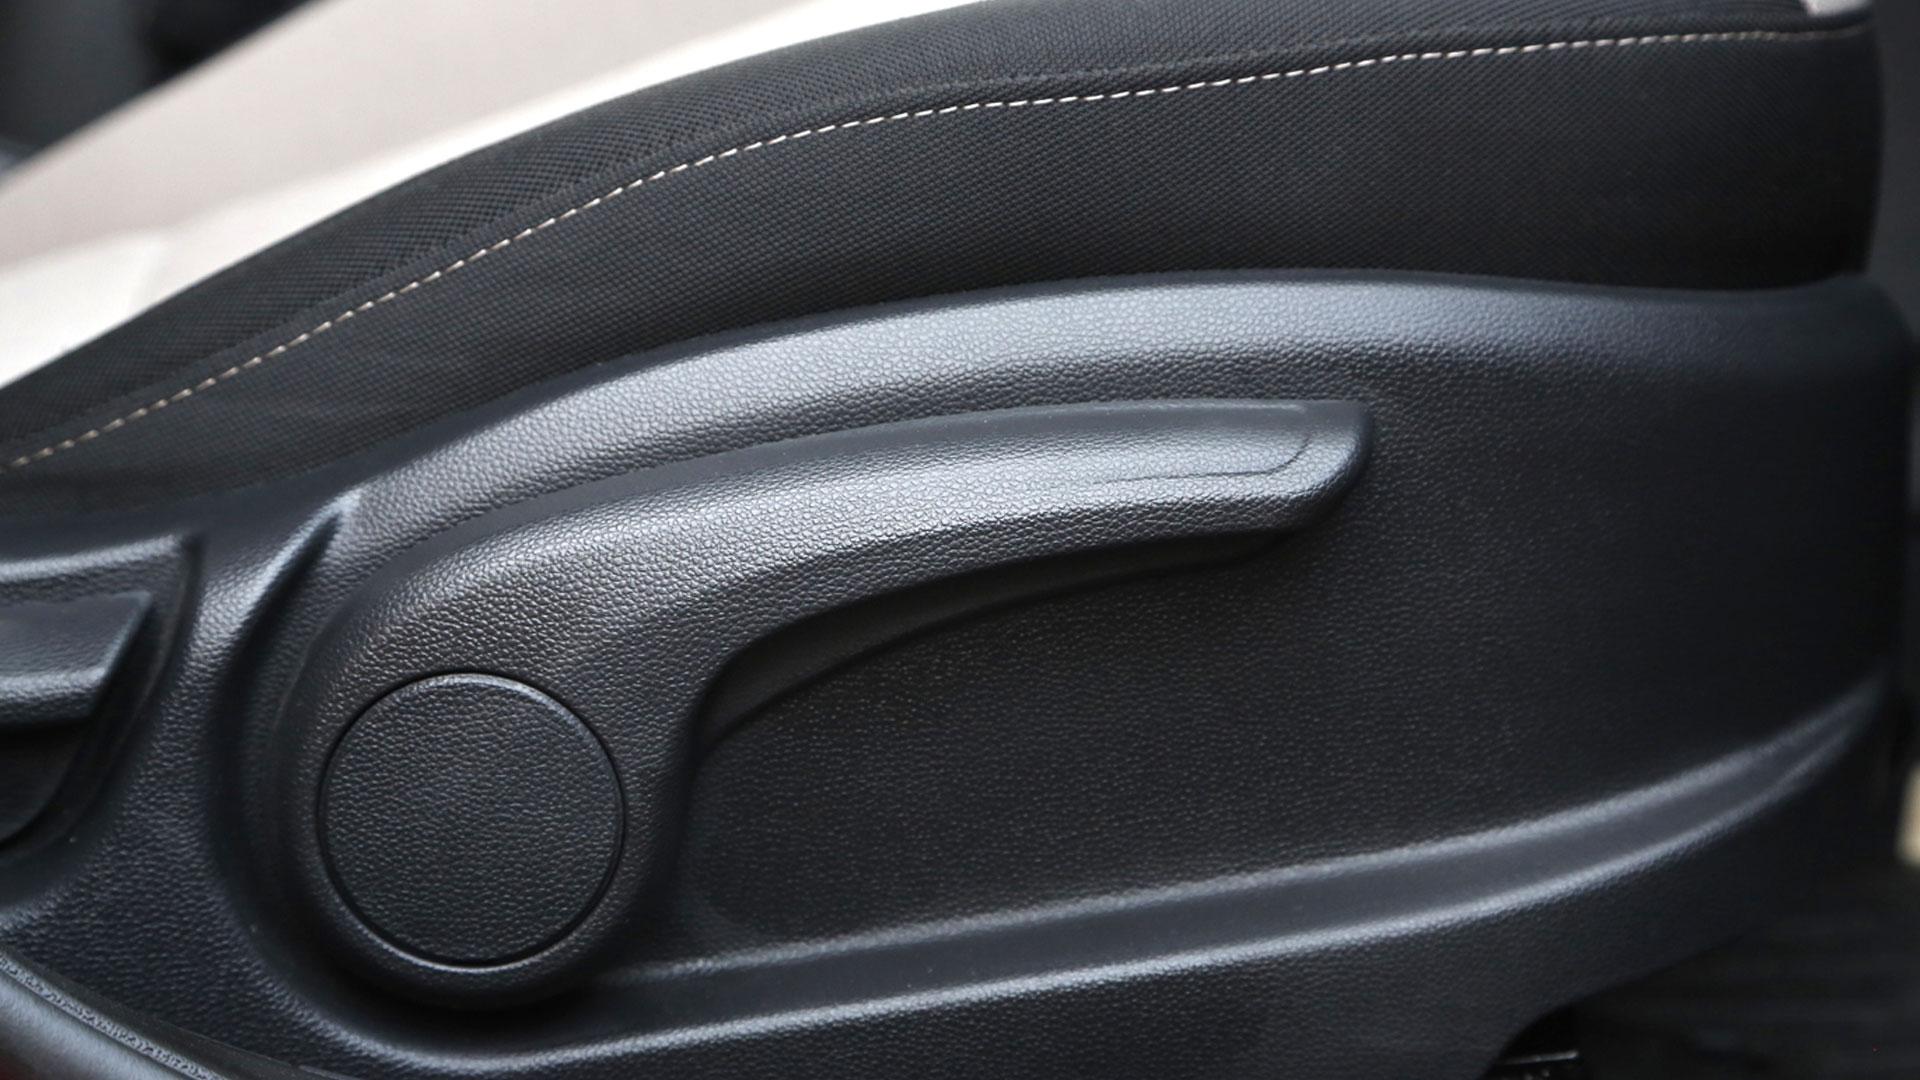 Hyundai-Elite-i20-2014 Exterior